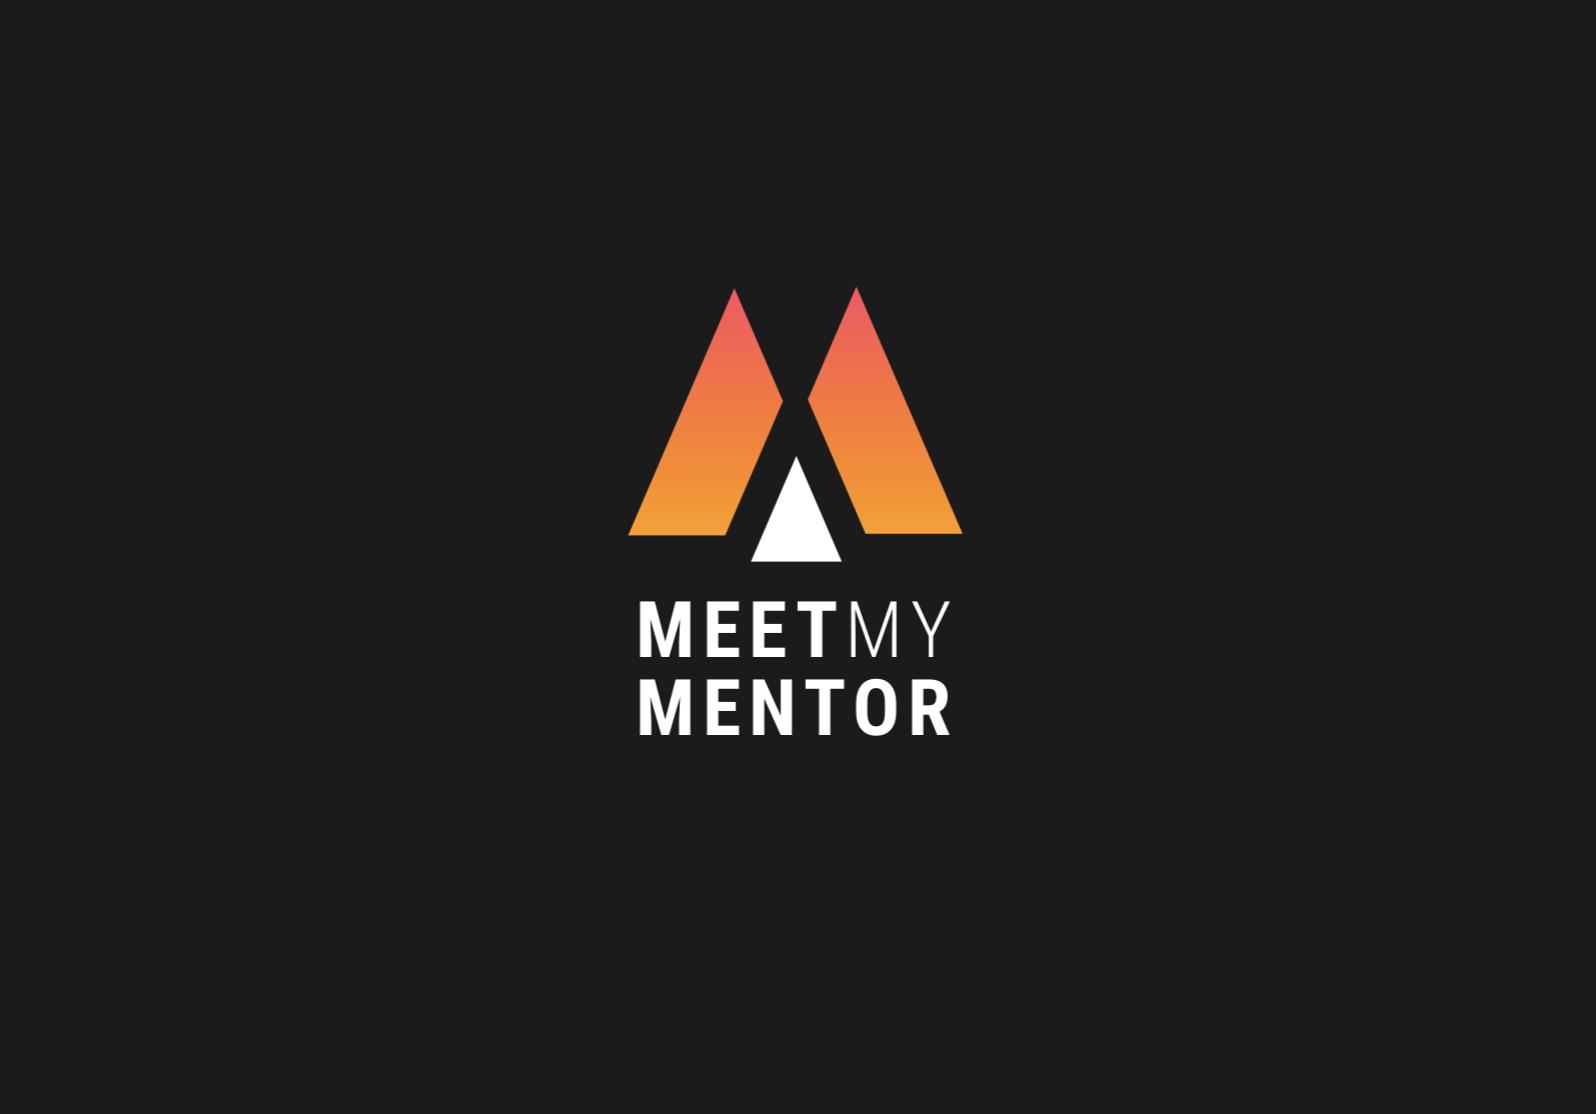 Meet My Mentor